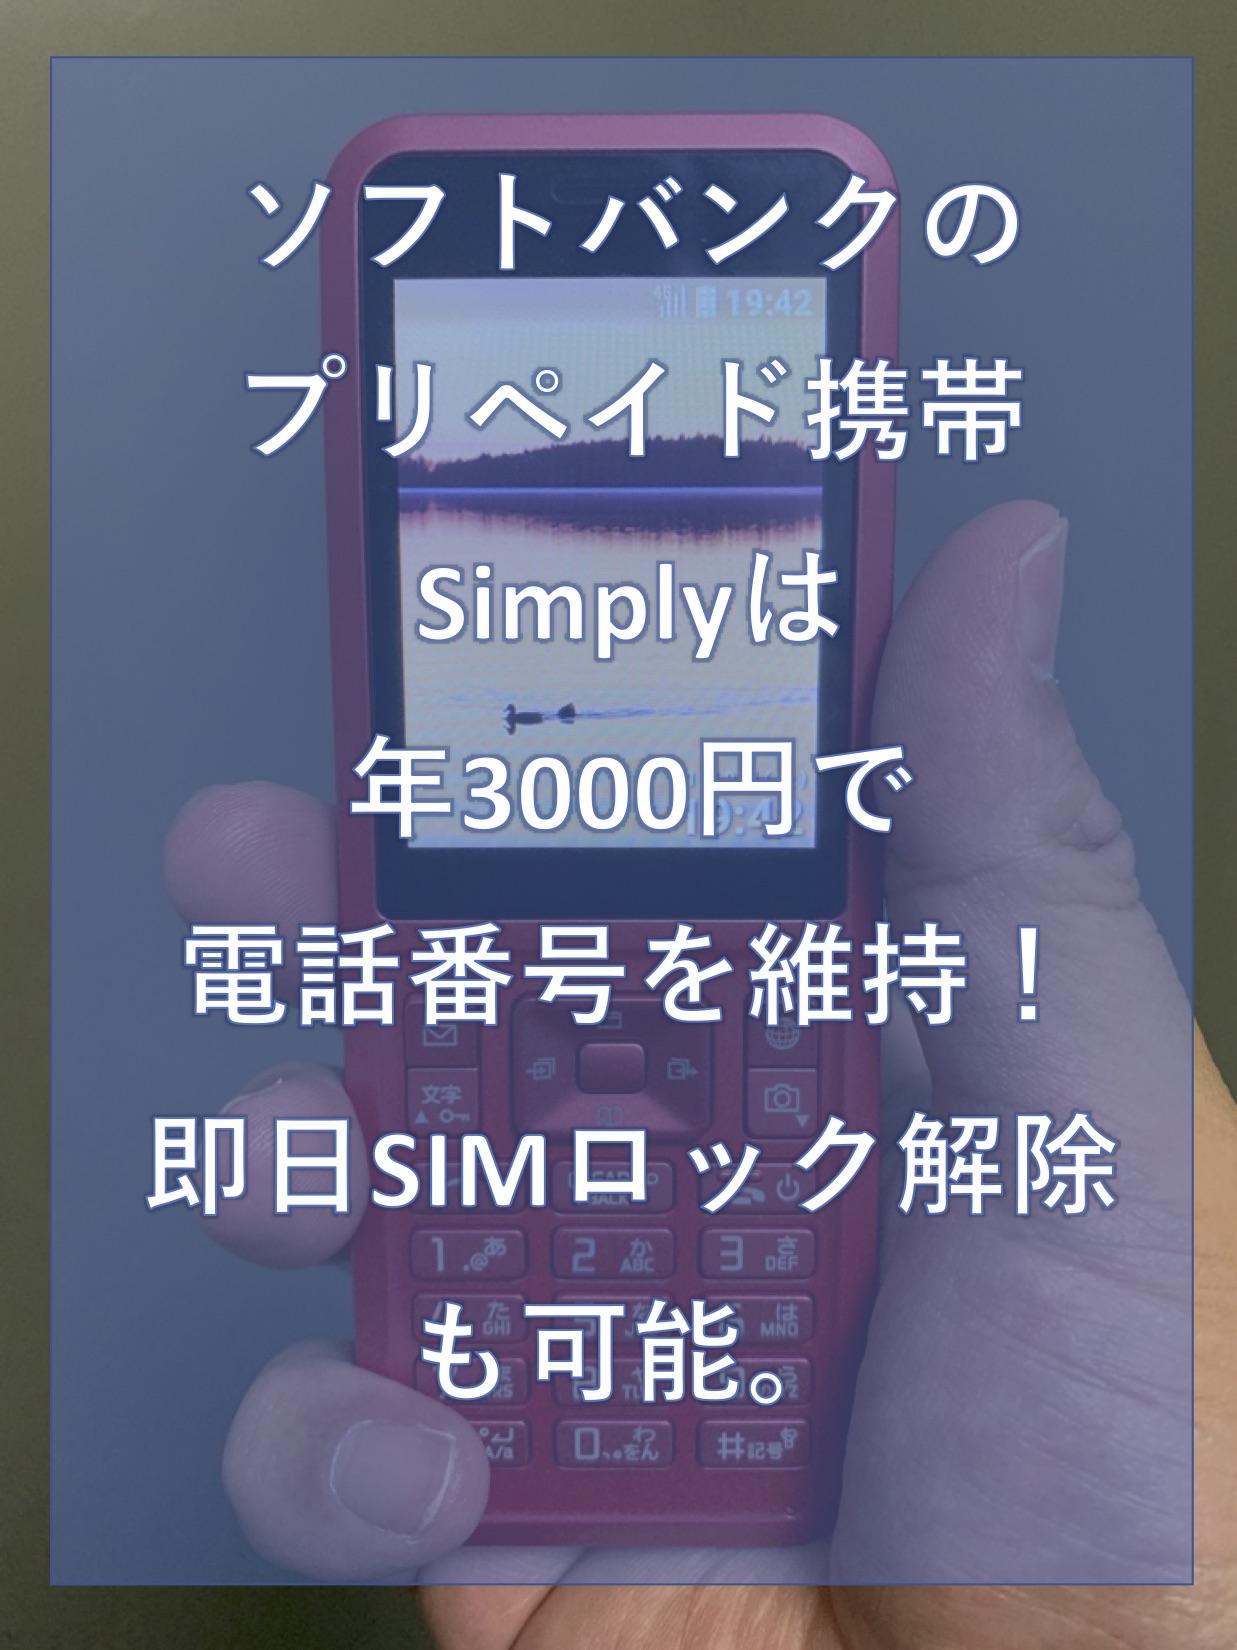 解除 ロック softbank sim